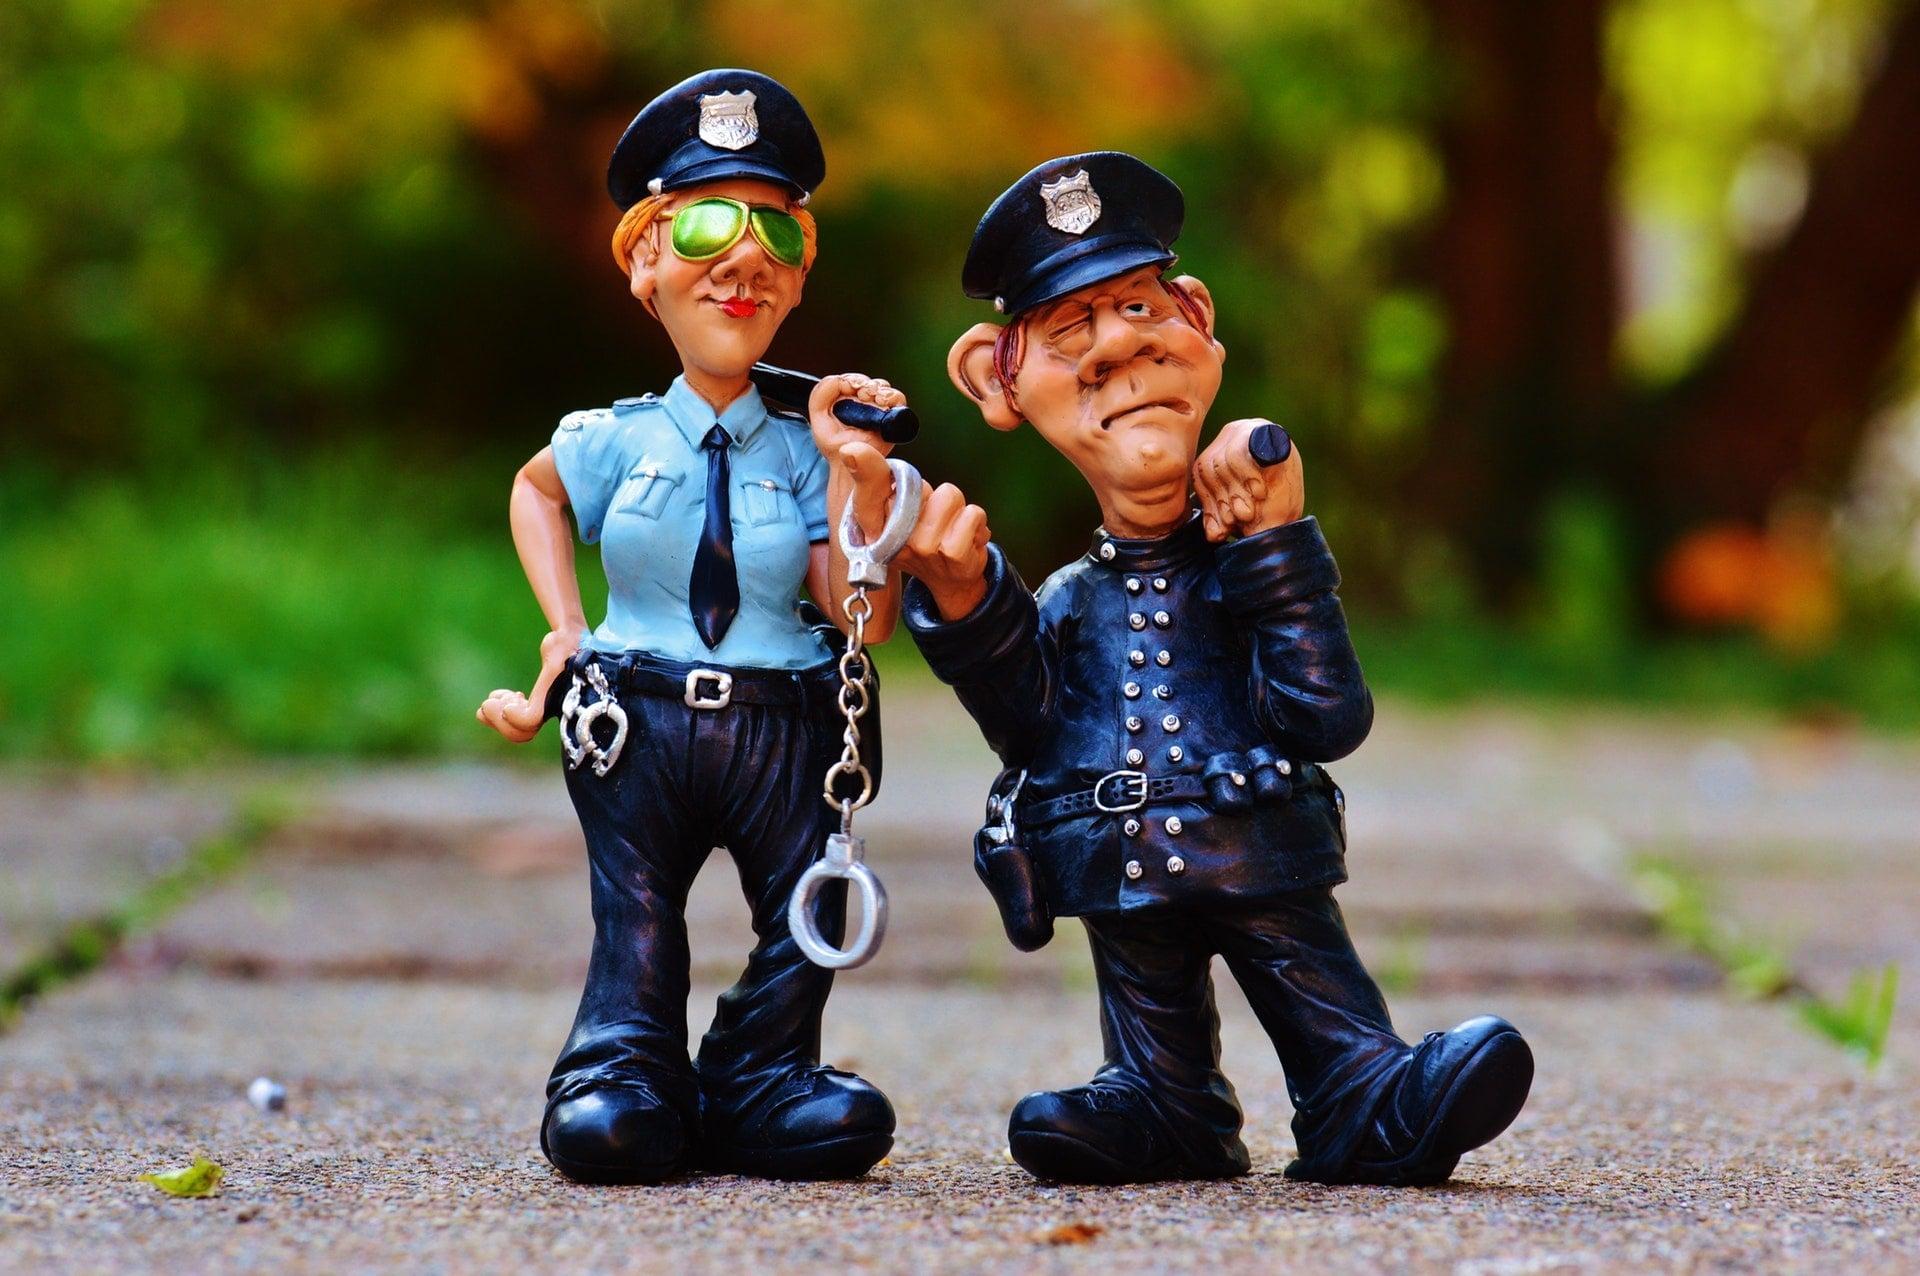 Prawie 2300 osób zostało błędnie uznanych za kryminalistów przez policyjny system rozpoznawania twarzy 18